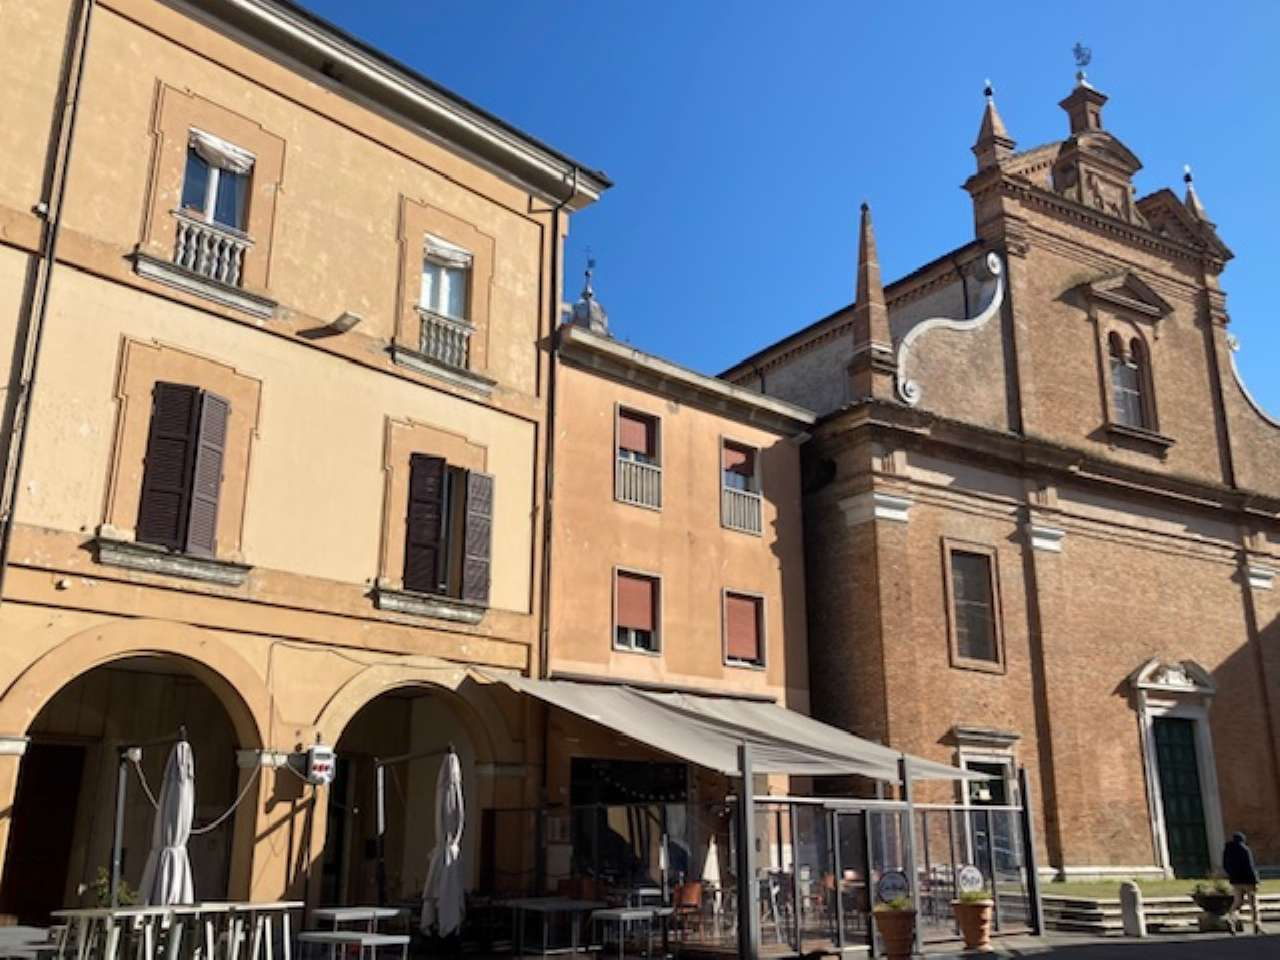 Appartamento in vendita a Bagnacavallo, 5 locali, prezzo € 170.000 | PortaleAgenzieImmobiliari.it